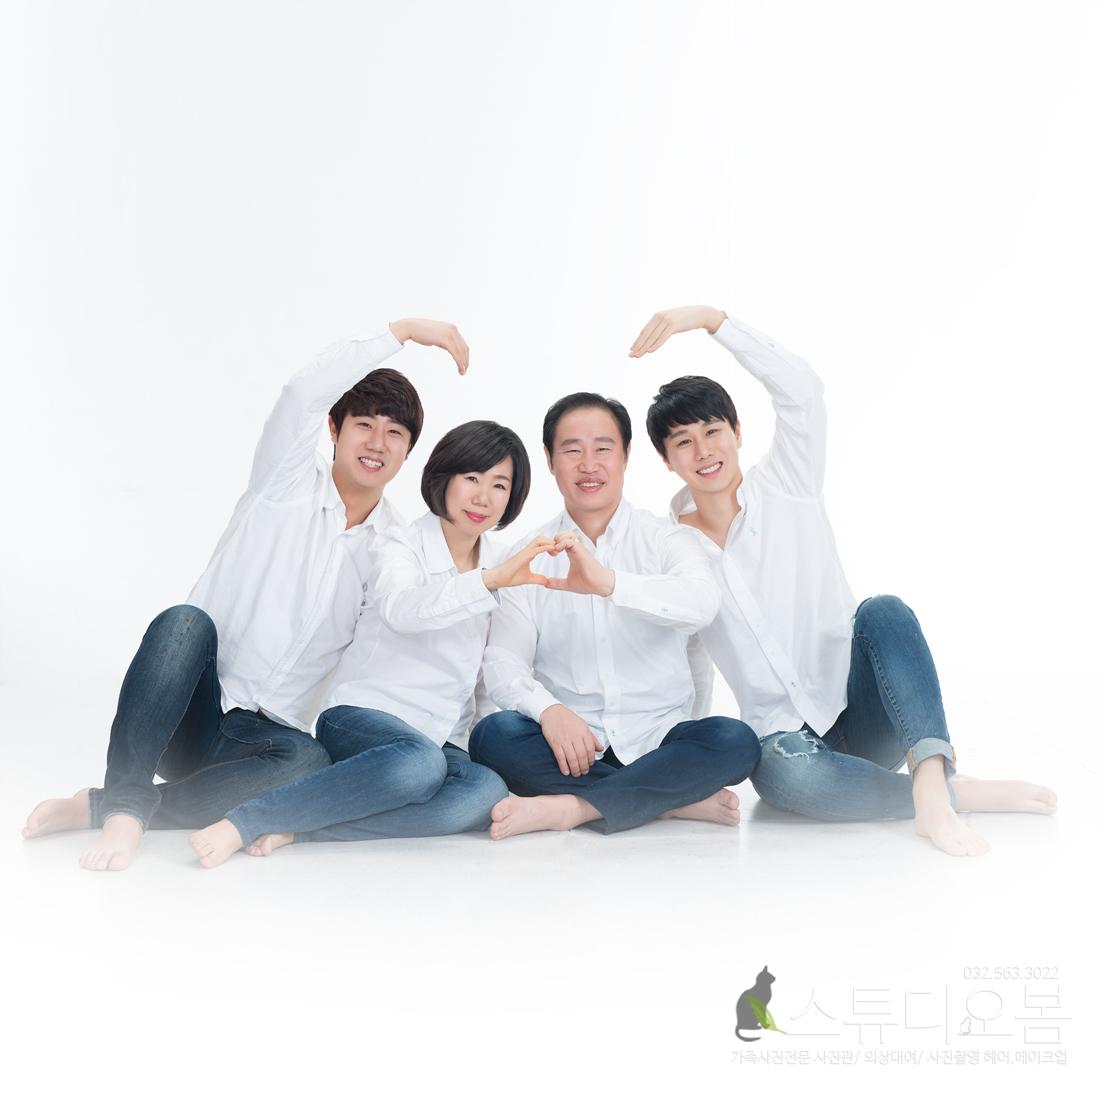 인천 스튜디오 인천가족사진 사진관 스튜디오봄